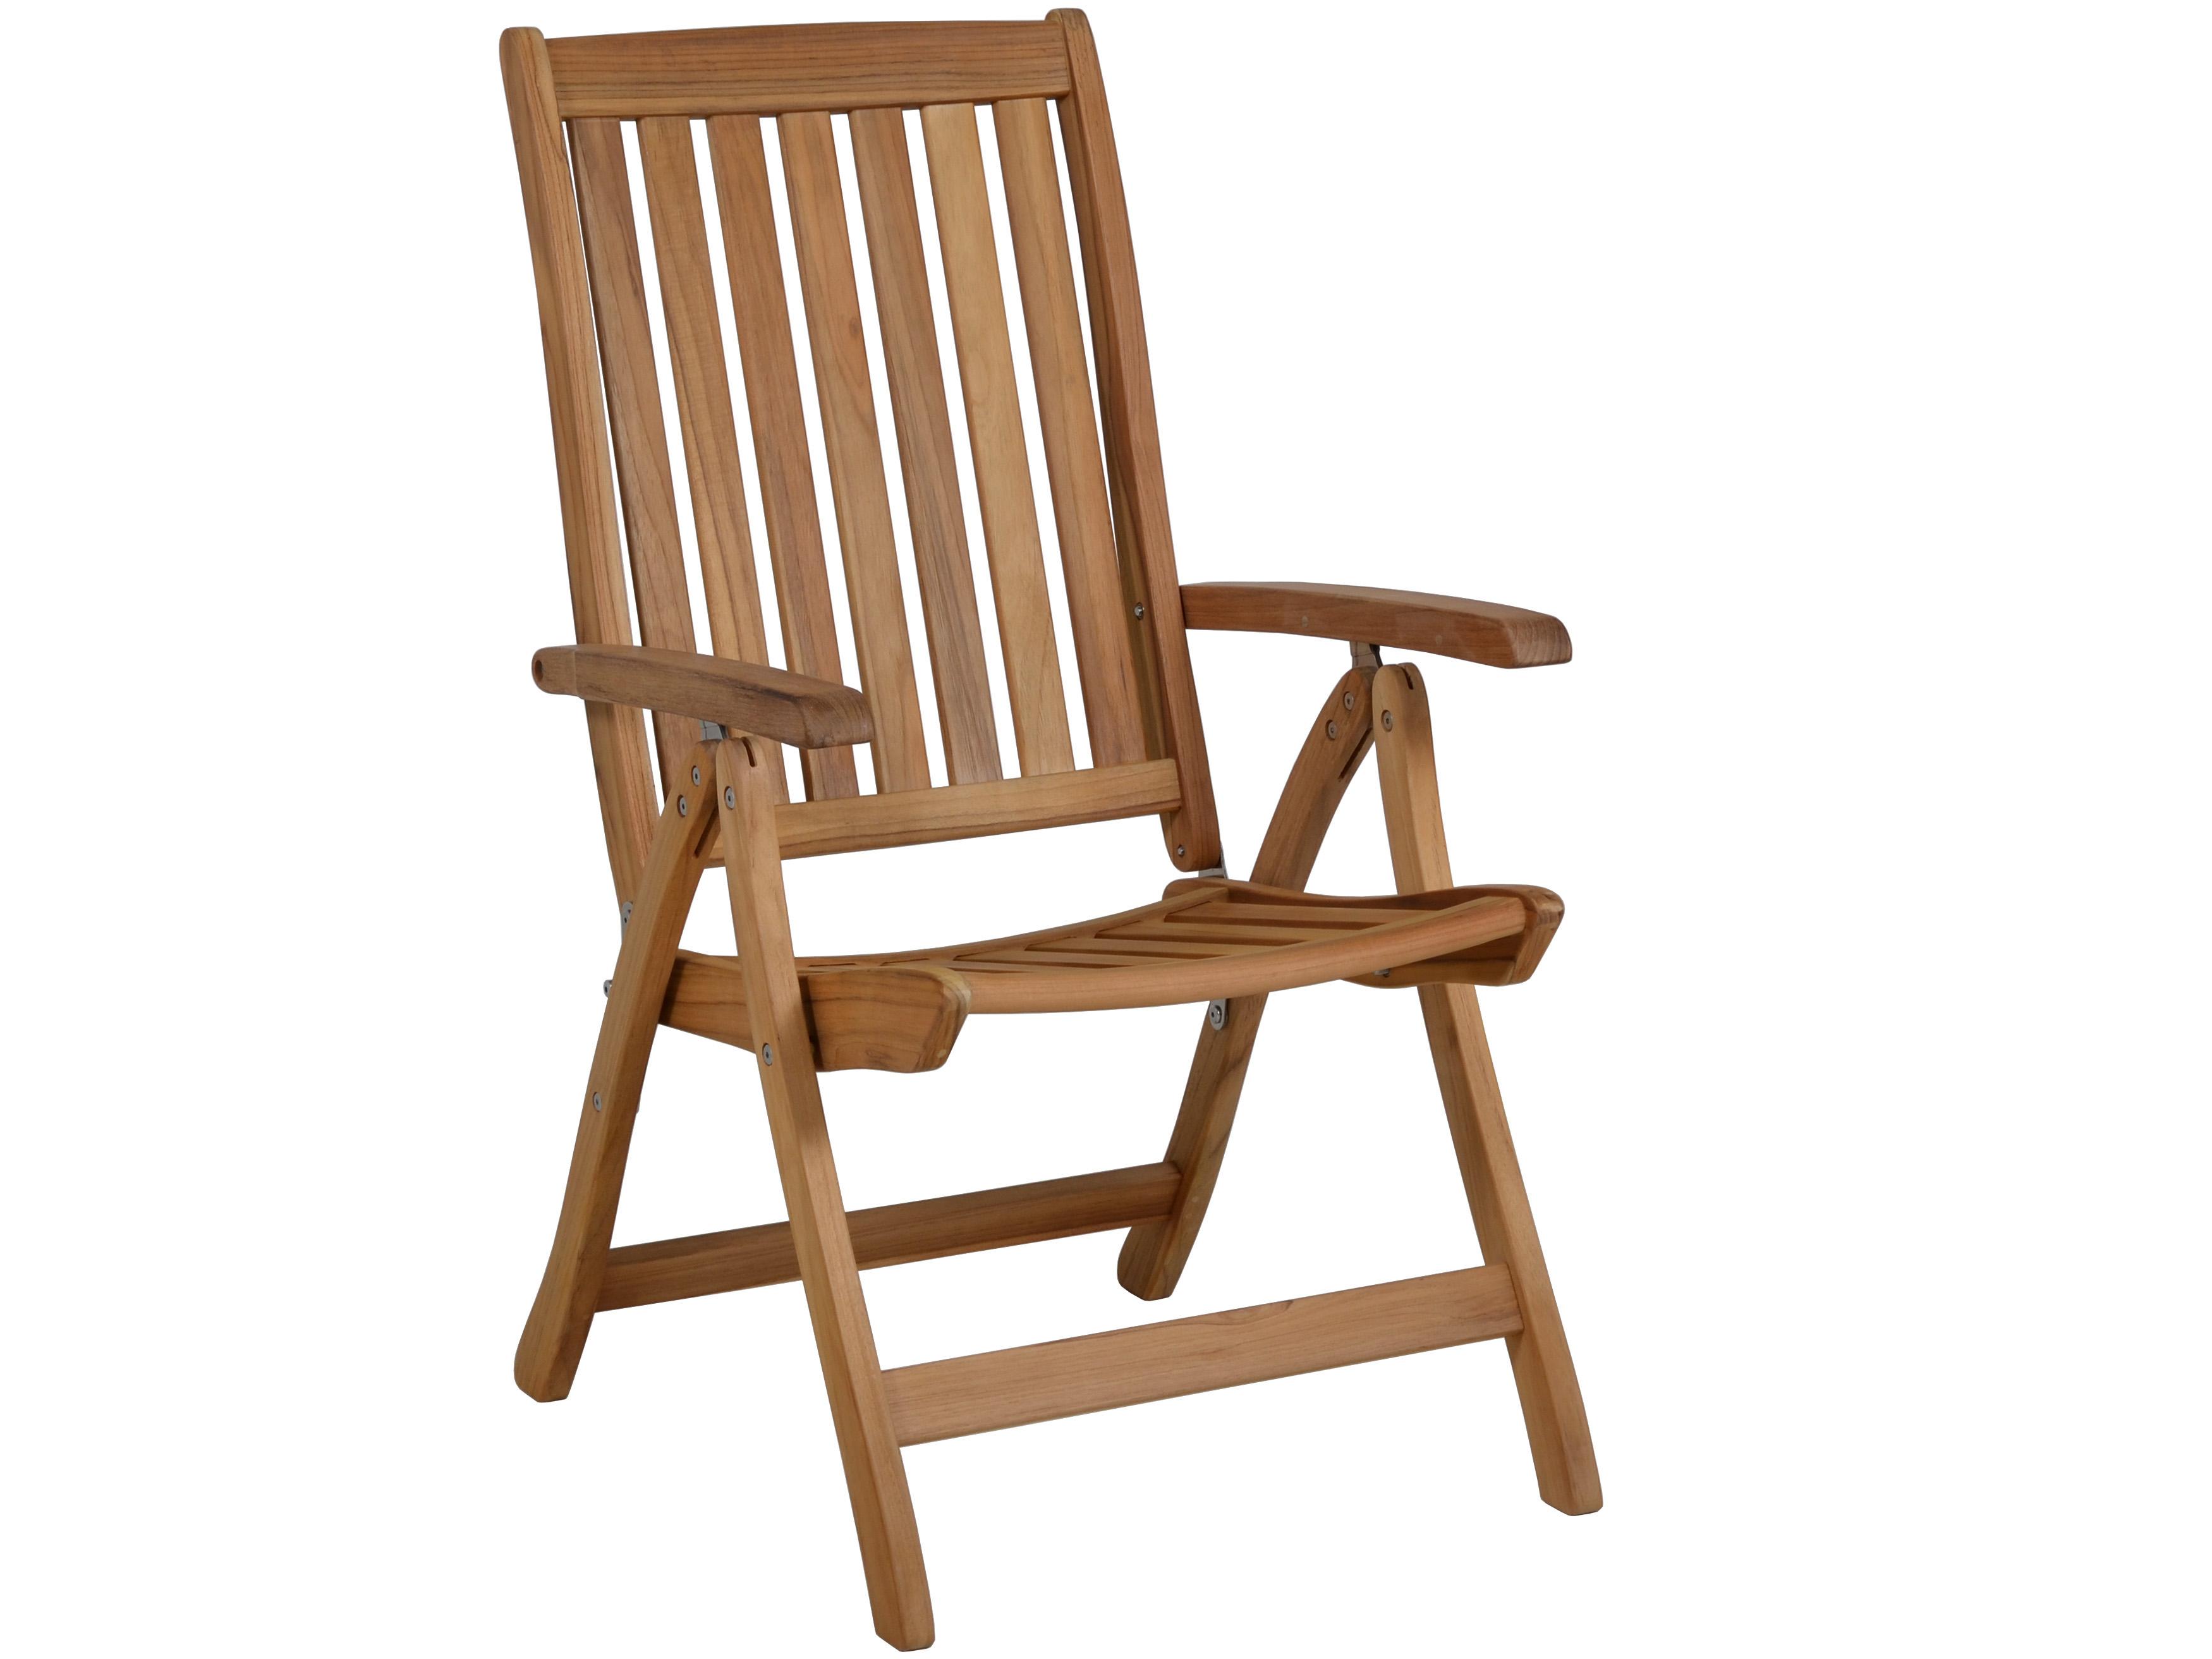 teakholz klappsessel new york gartenm bel l nse. Black Bedroom Furniture Sets. Home Design Ideas